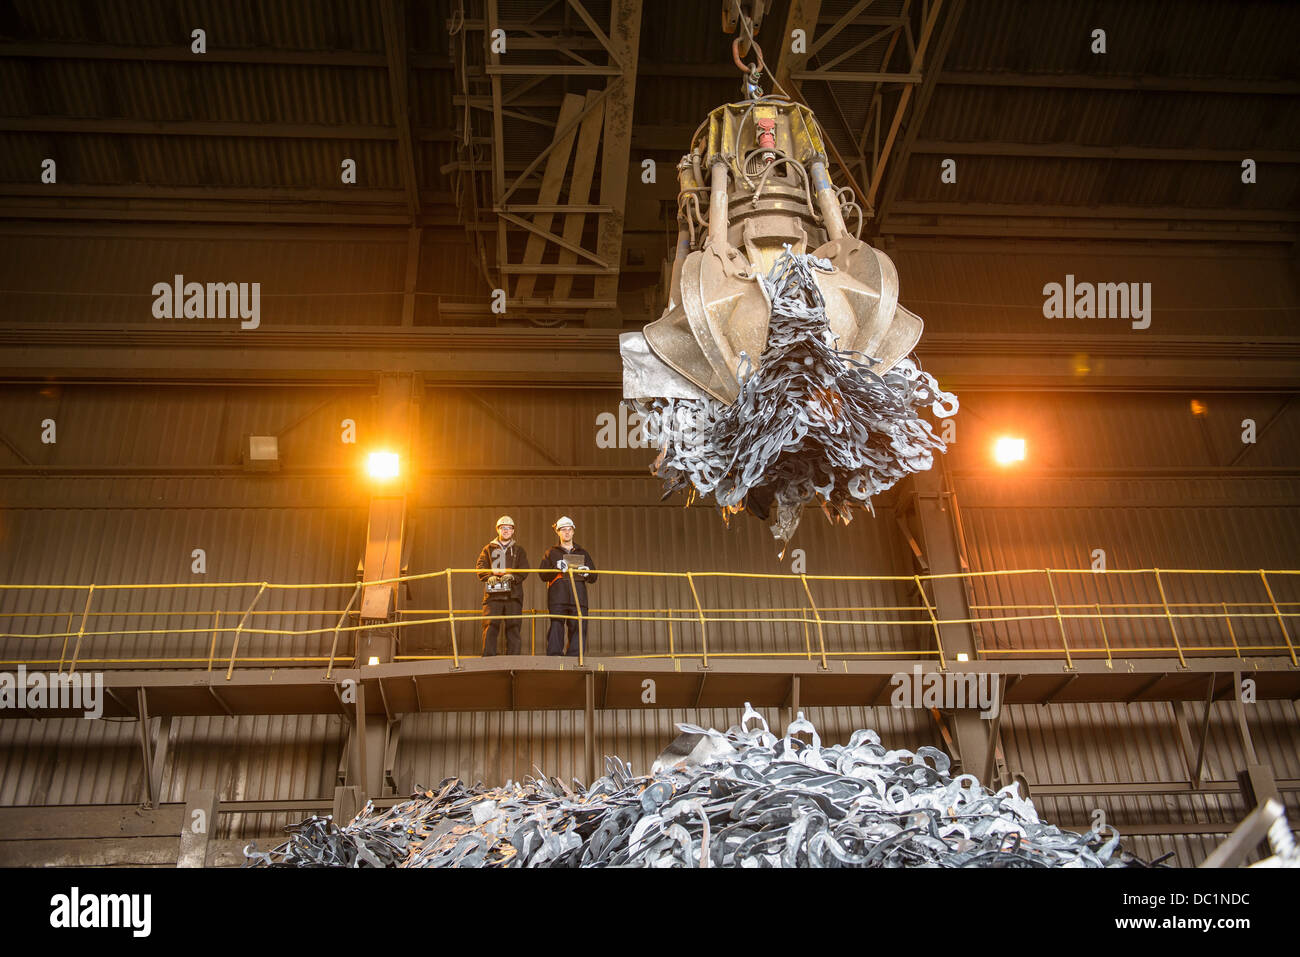 Stahlarbeiter beobachtete mechanische Greifer in Stahlgießerei Stockfoto